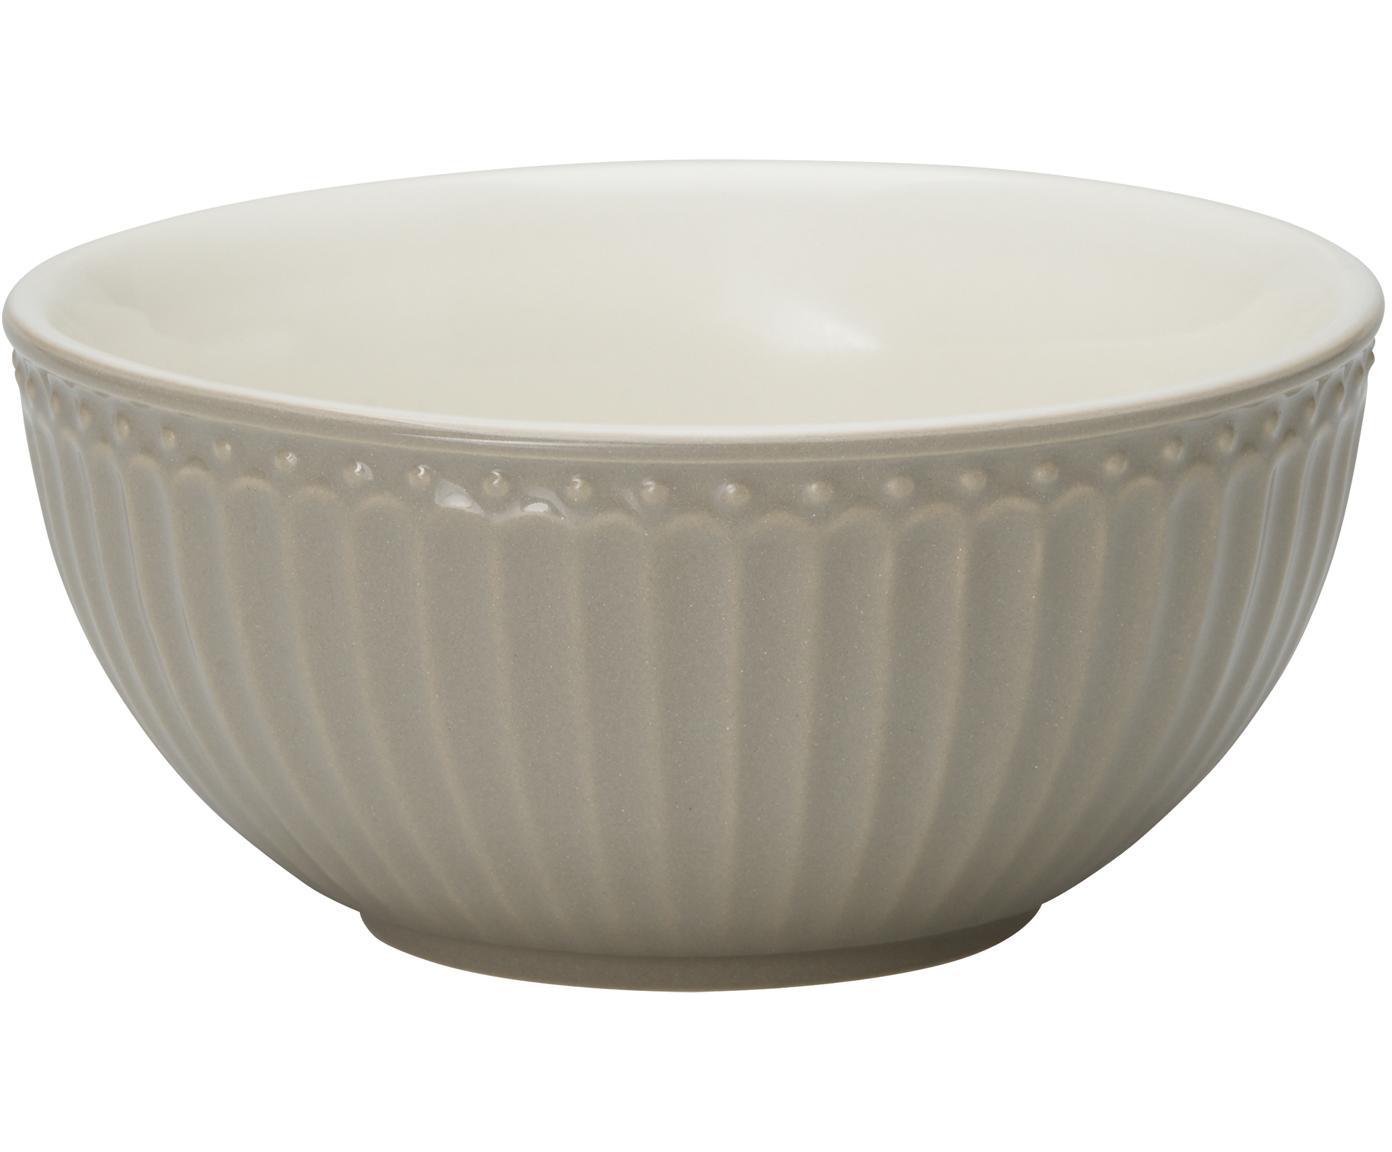 Cuencos Alice, 2 uds., Porcelana, Gris, Ø 14 cm